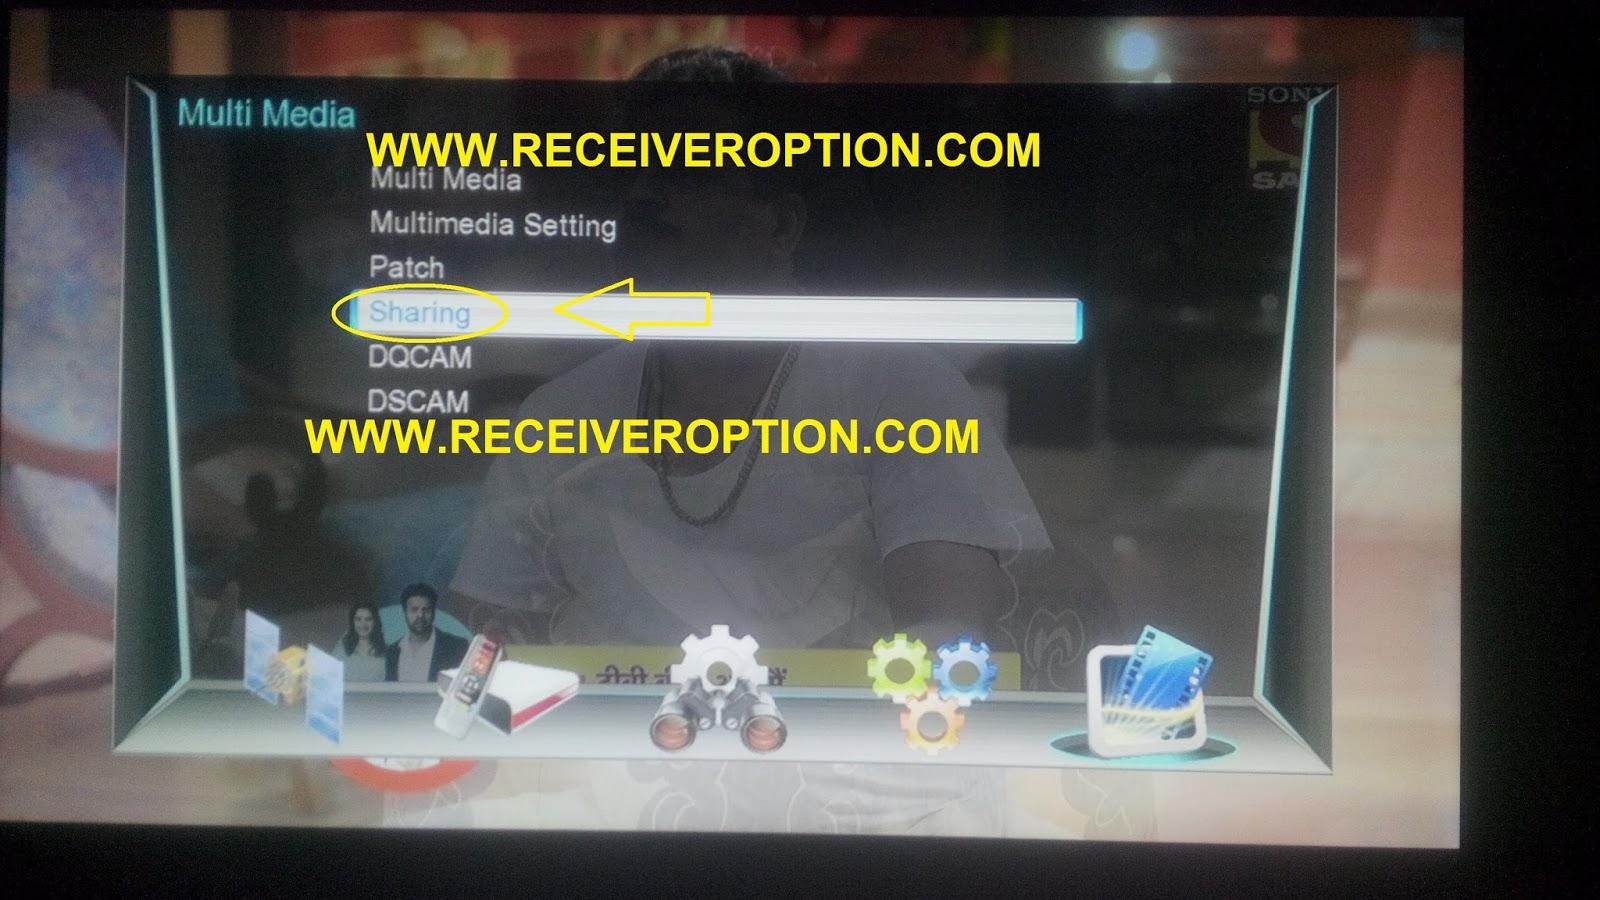 NEOSET I 5000 HD RECEIVER CCCAM OPTION - HOW TO ENTER BISS